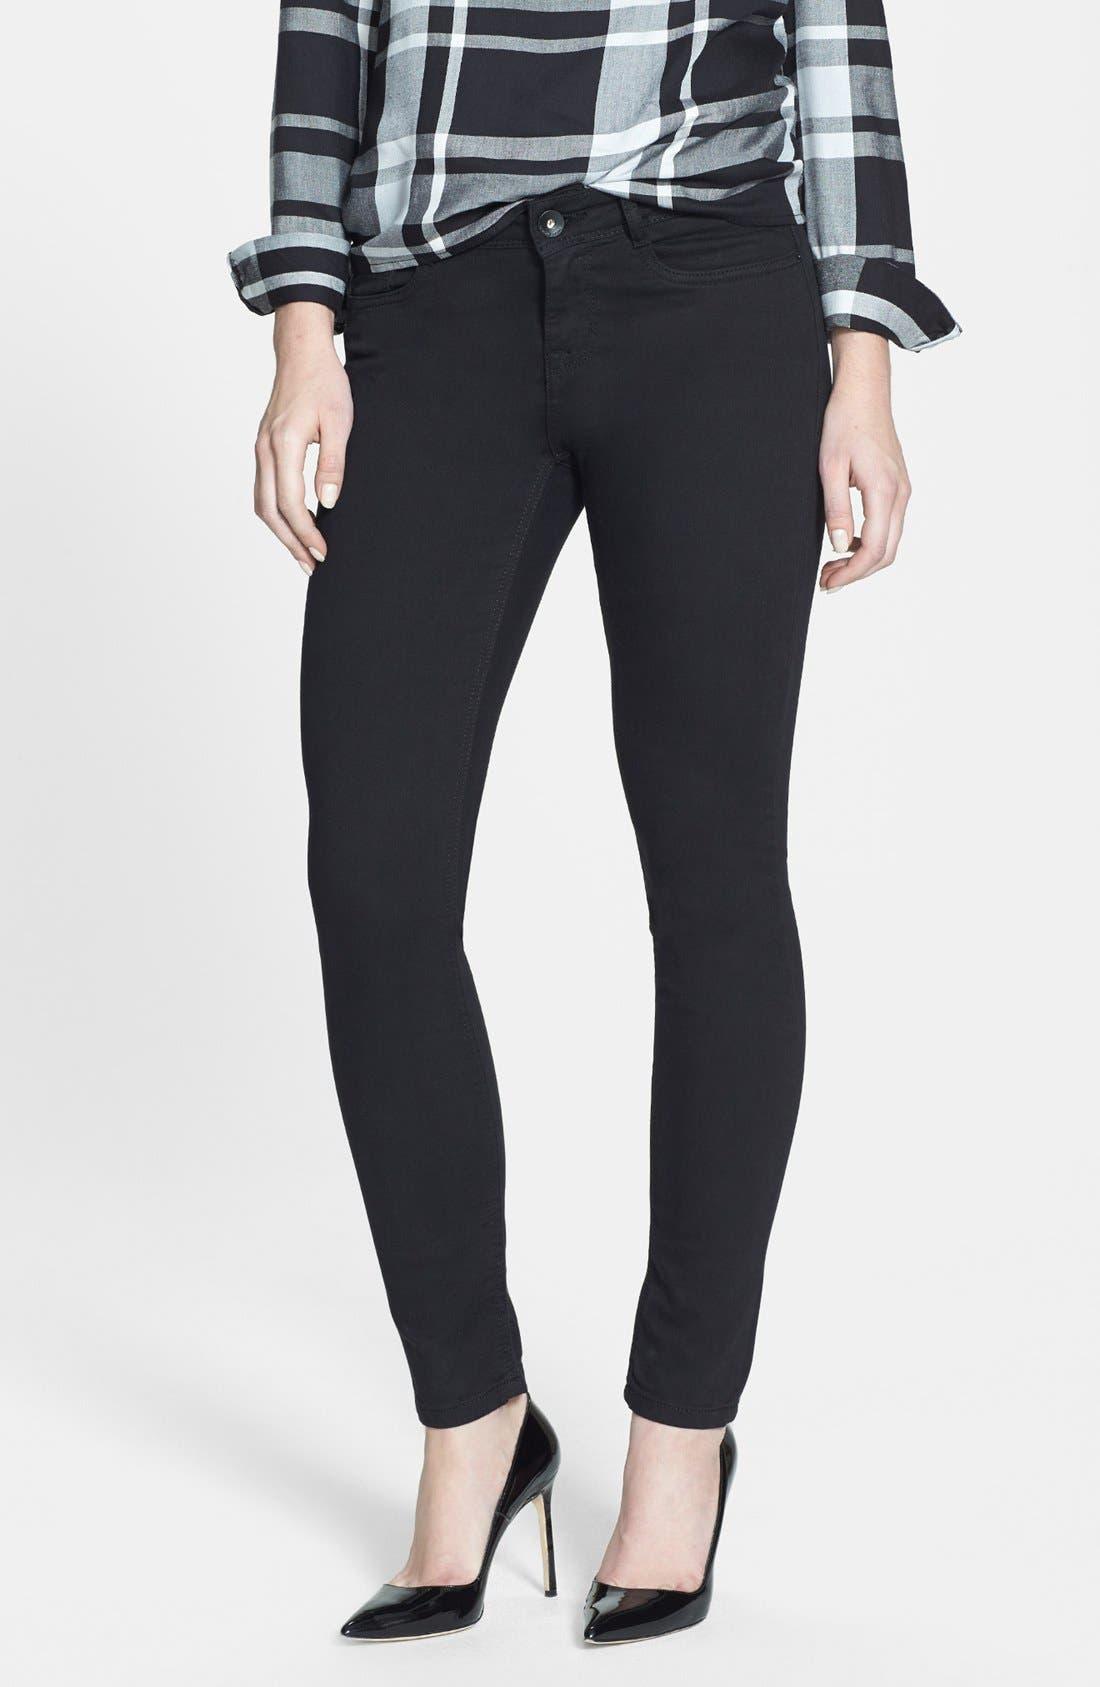 Alternate Image 1 Selected - kensie 'You Look Pretty' Stretch Denim Skinny Jeans (Black)